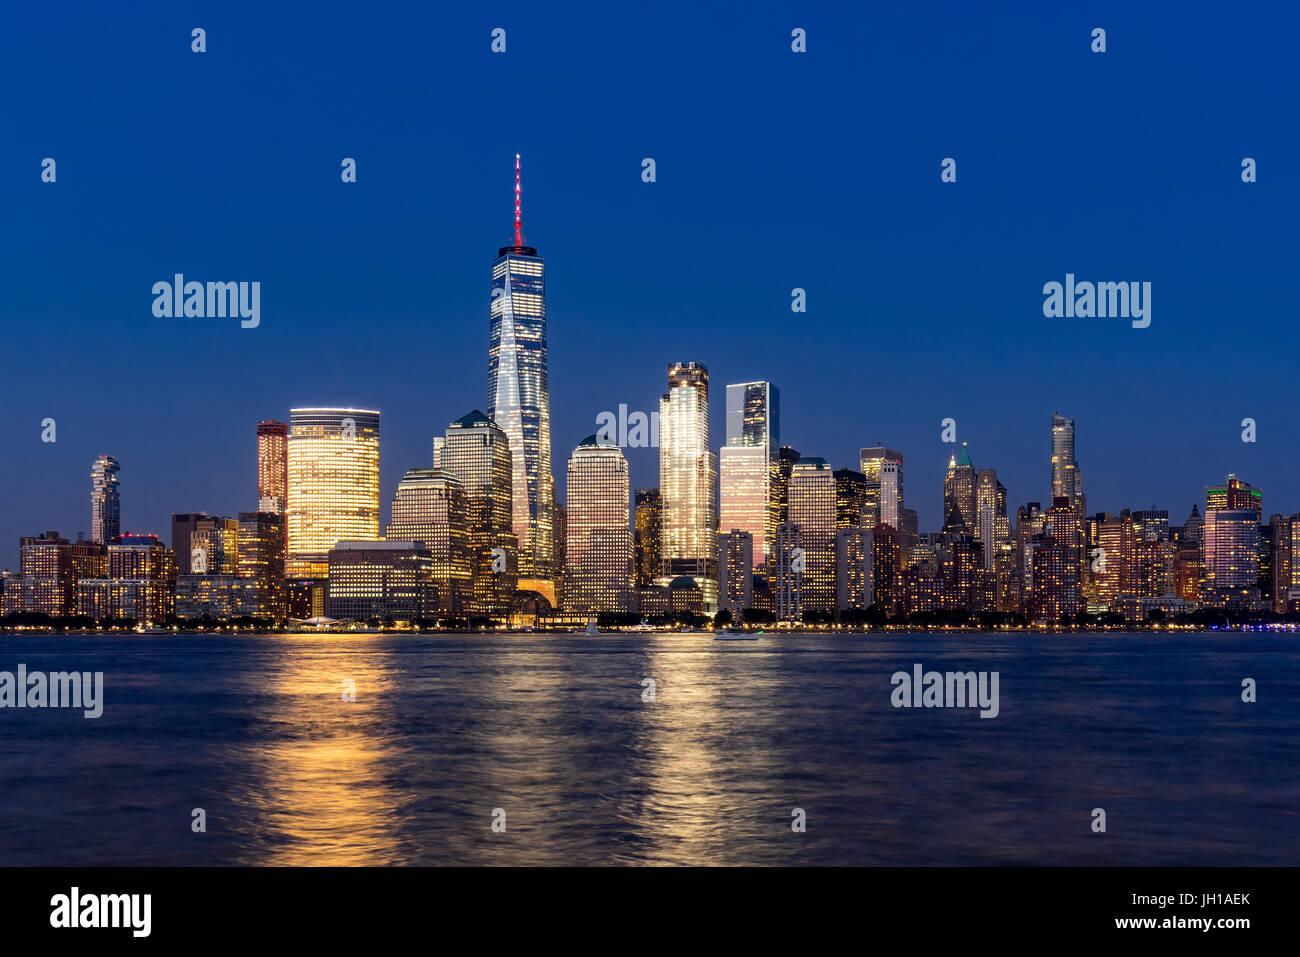 El distrito financiero de la ciudad de Nueva York rascacielos y el Río Hudson al anochecer. Vista panorámica Imagen De Stock